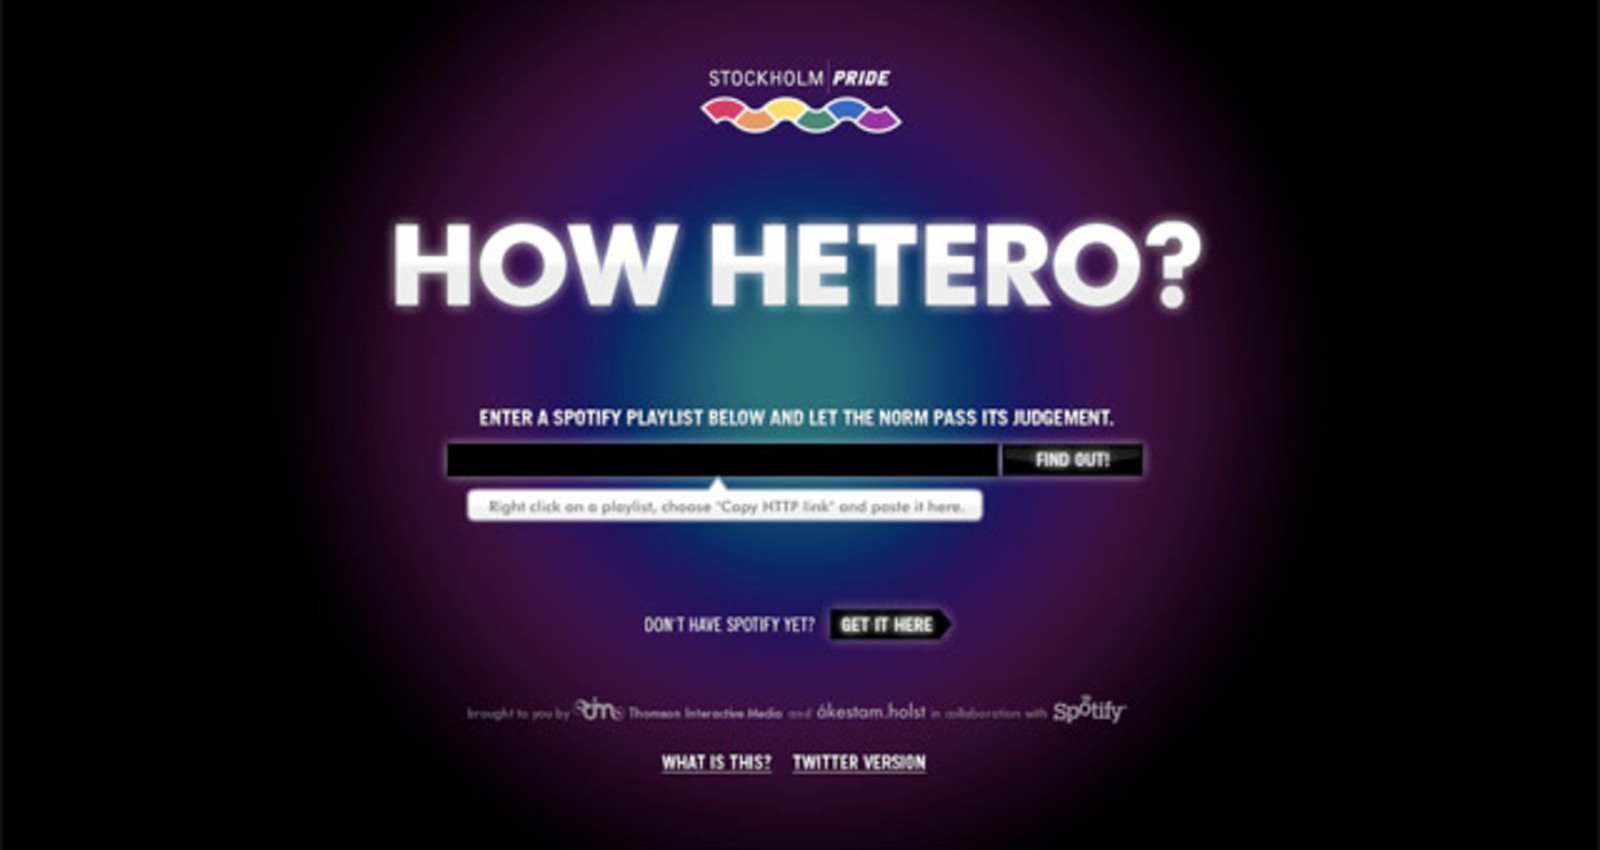 How Hetero?